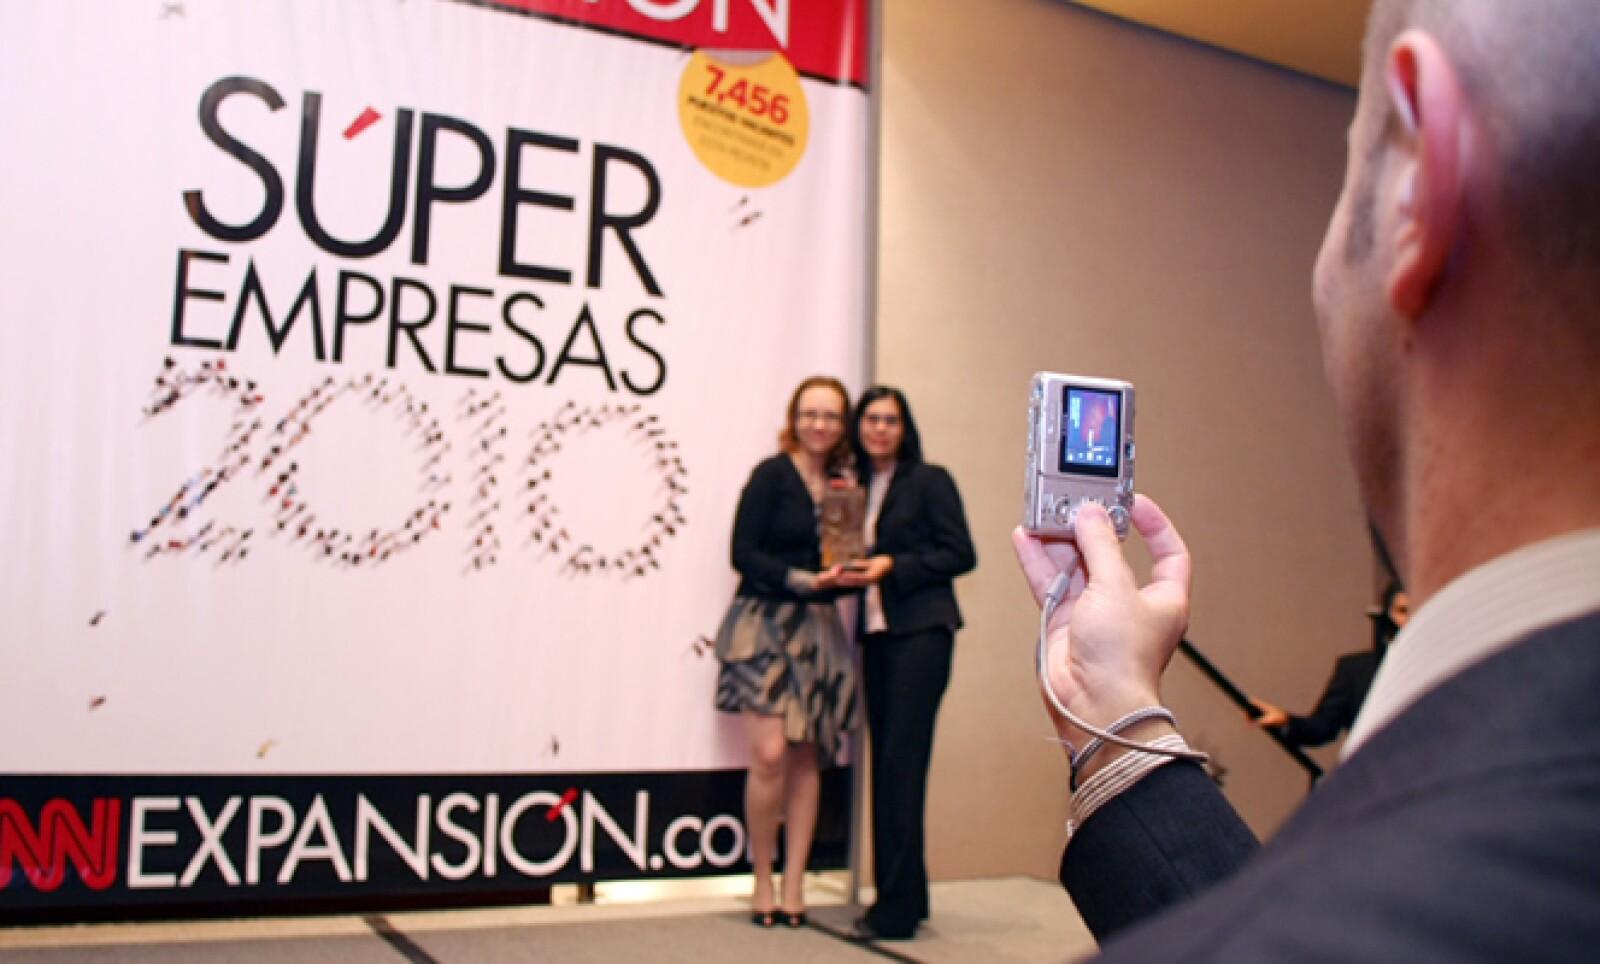 Directivos y colaboradores se colocaron enfrente de las portadas gigantes de la revista Expansión para tomar fotos y recordar la noche en que su empresa fue reconocida como una de las mejores para trabajar.